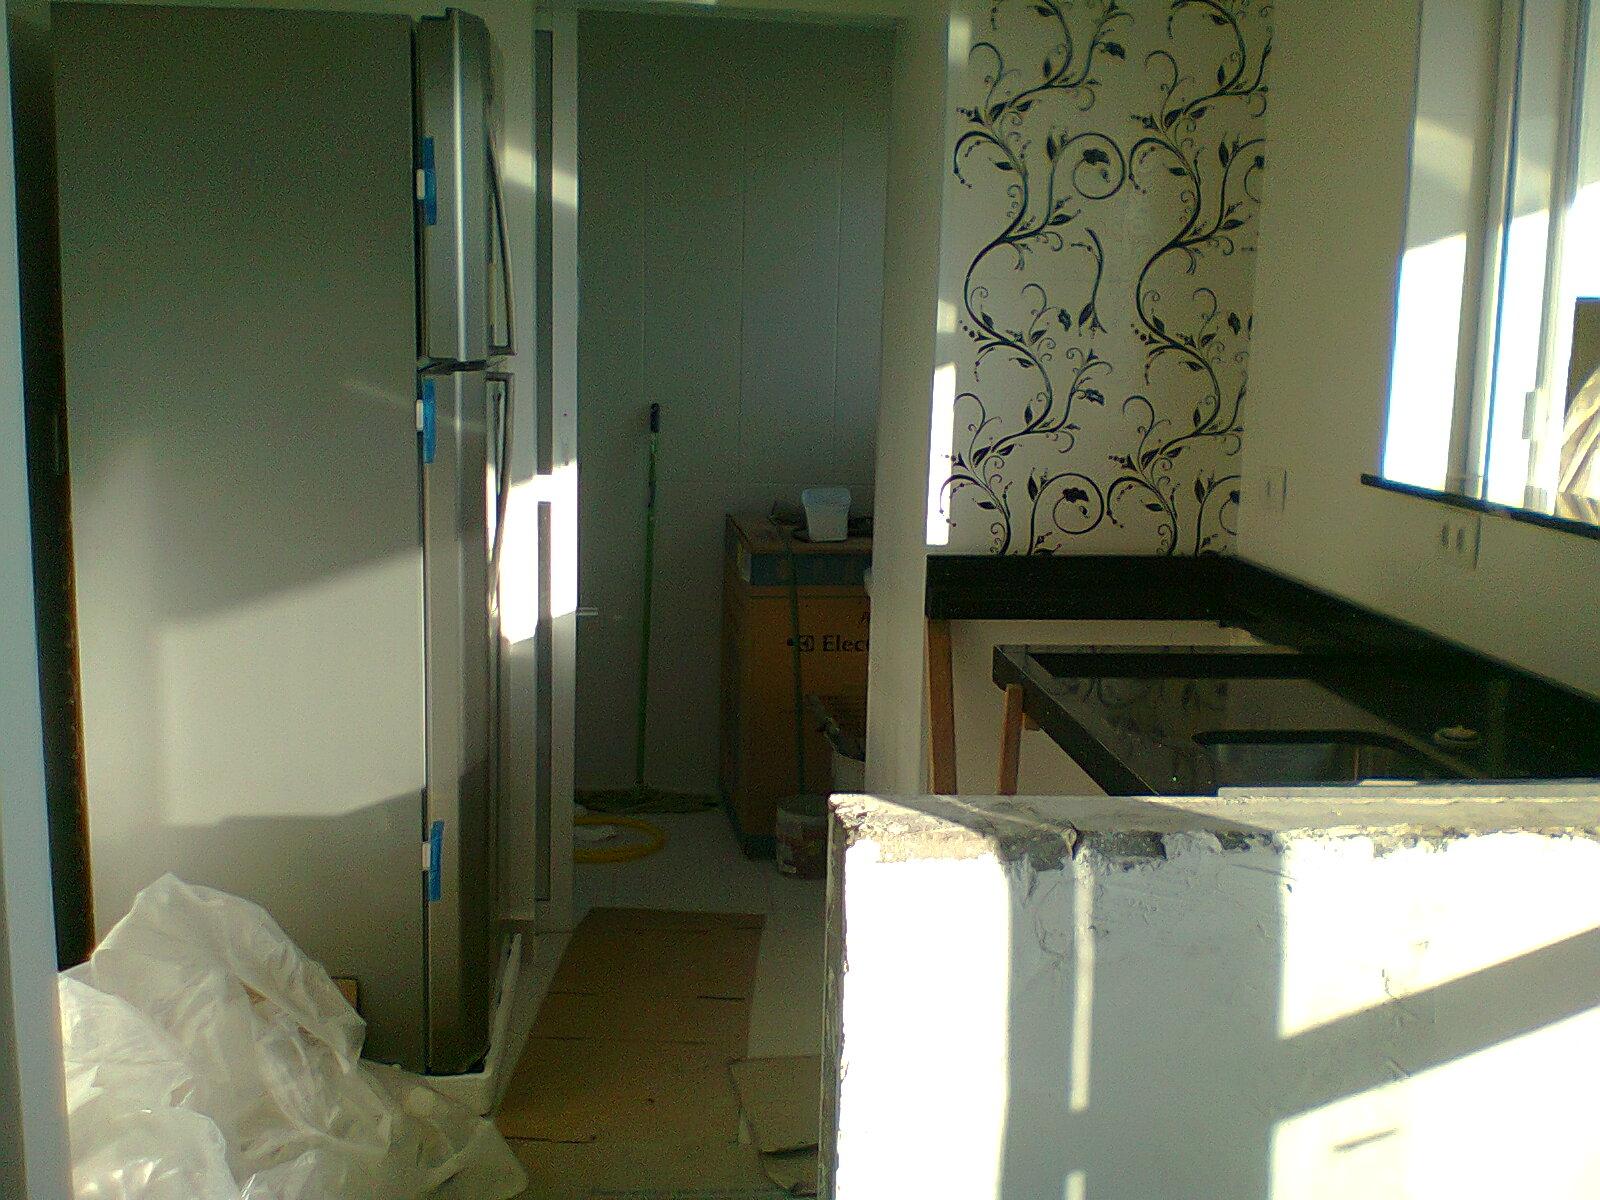 #848447 Nosso Ap E Nossa Vida: Instalação da pia da cozinha: quase ok! 1600x1200 px Projetos Da Instalação Da Cozinha_401 Imagens